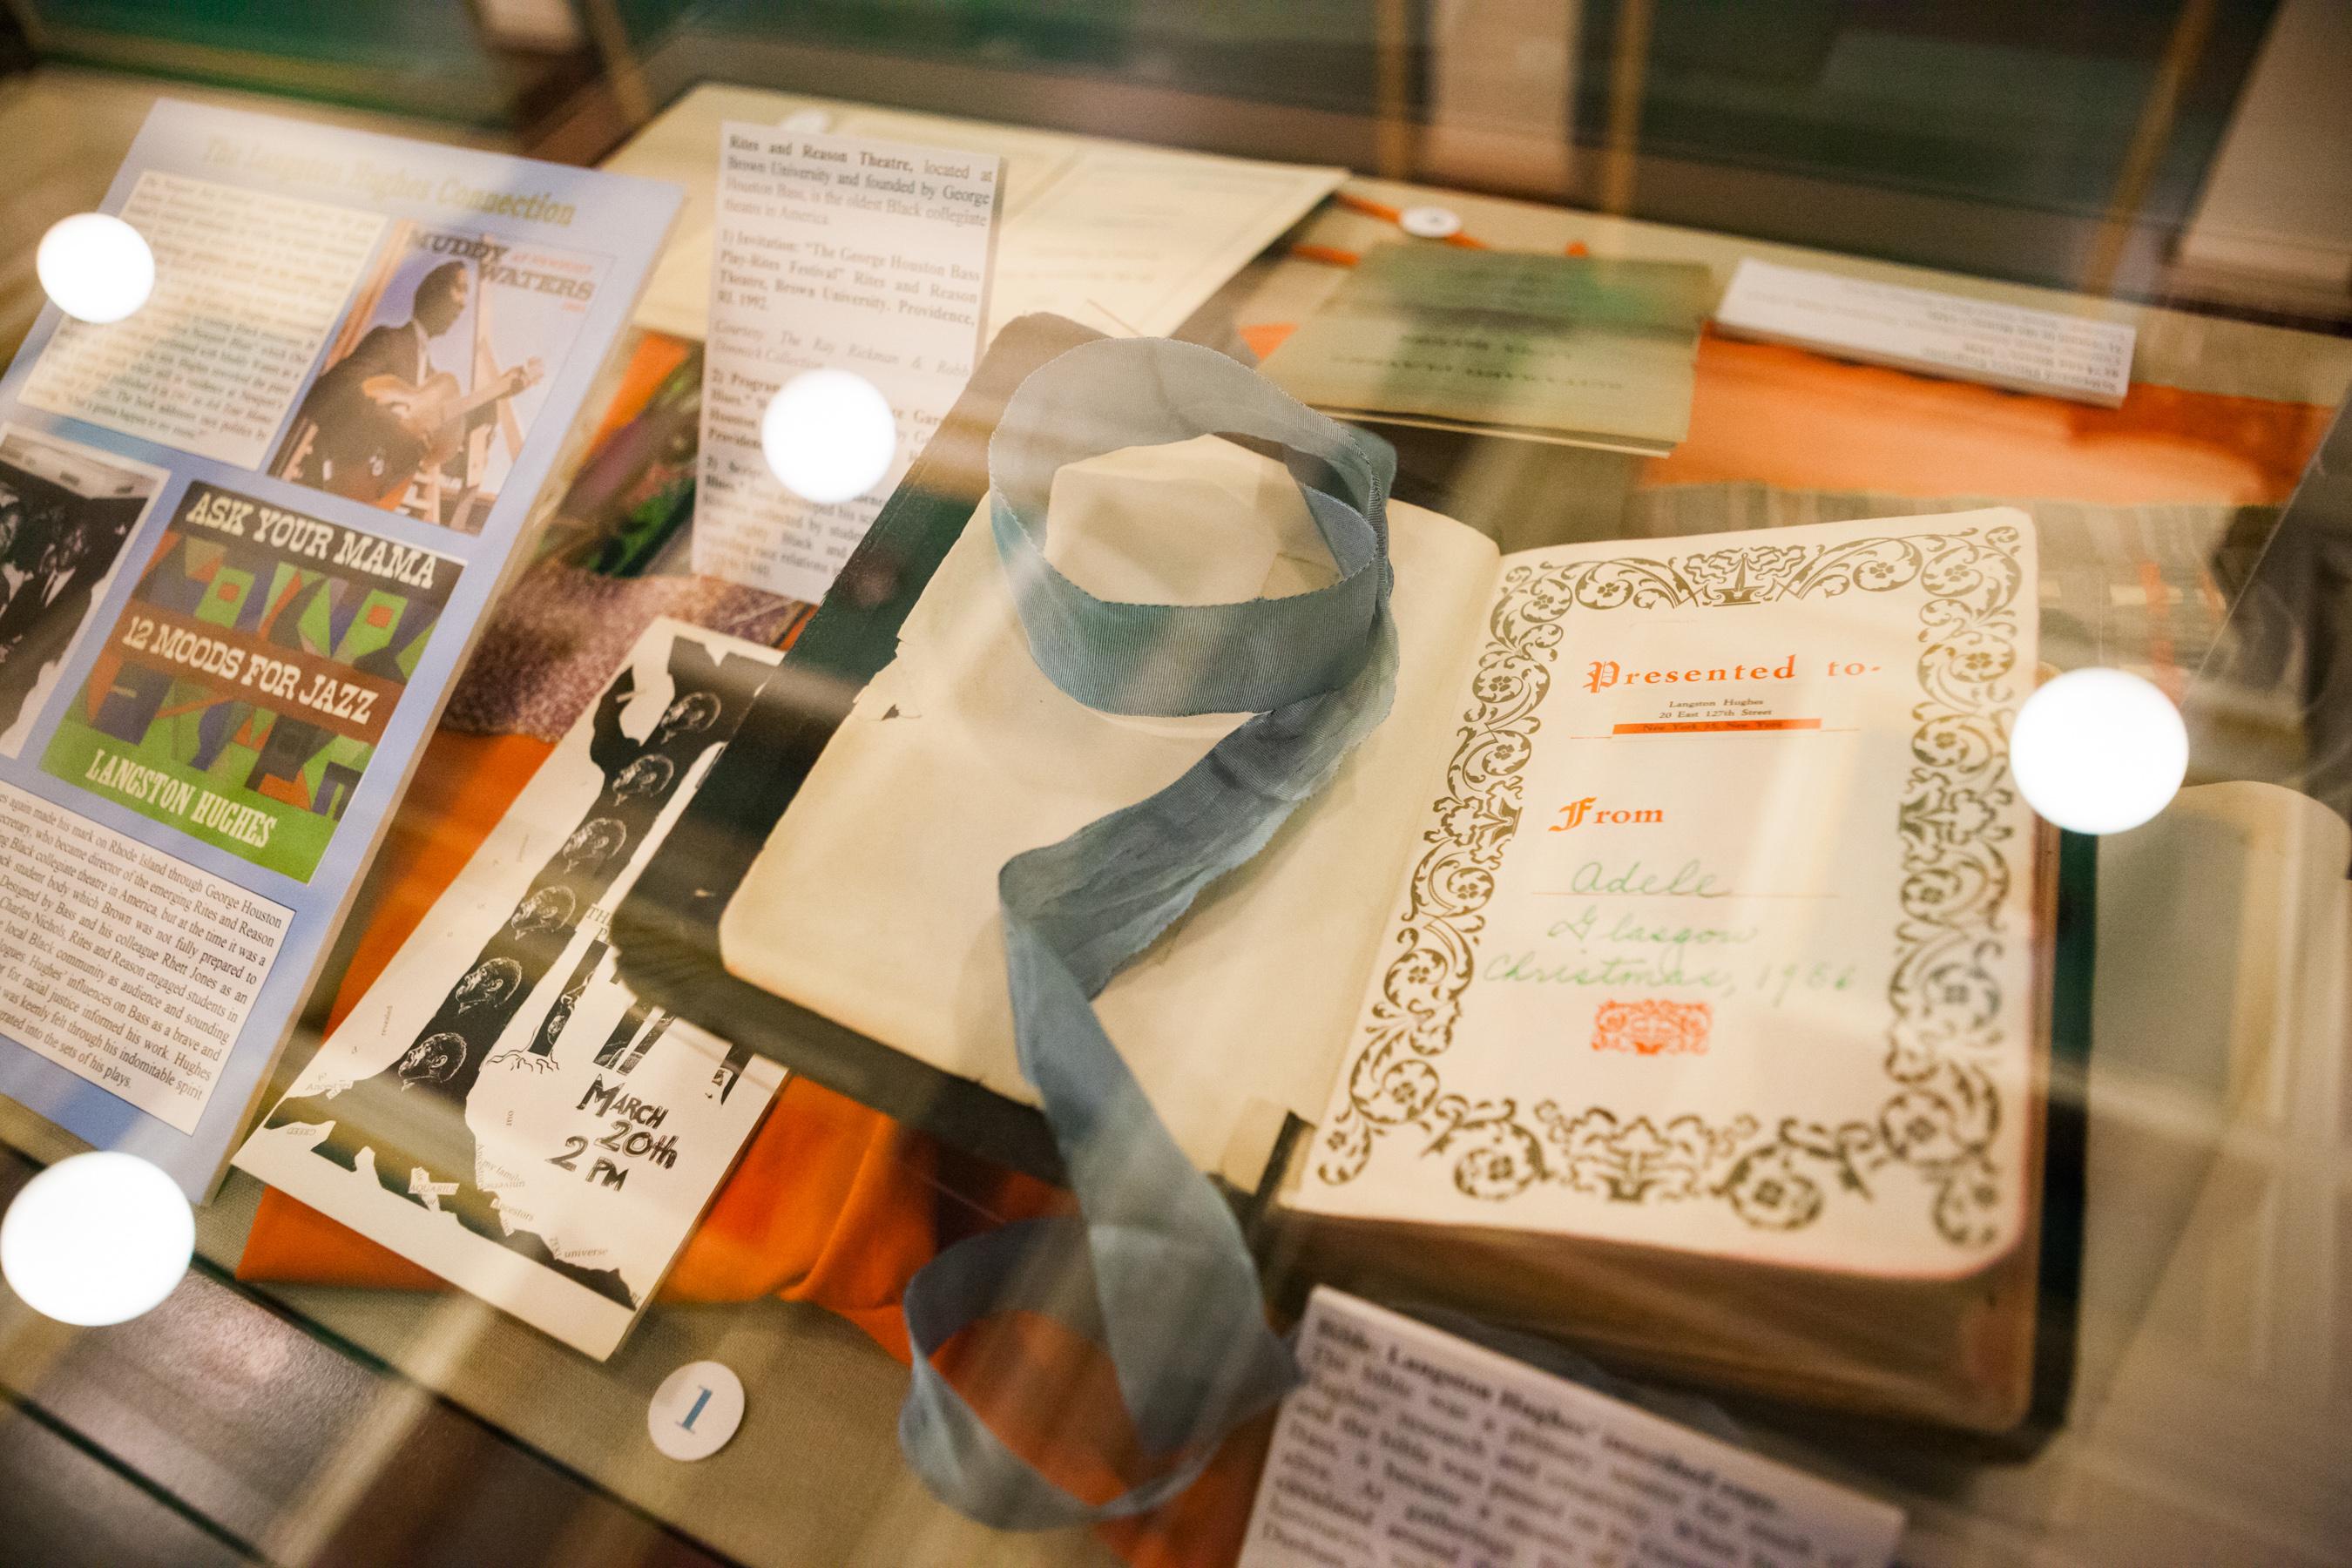 Langston Hughes Bible